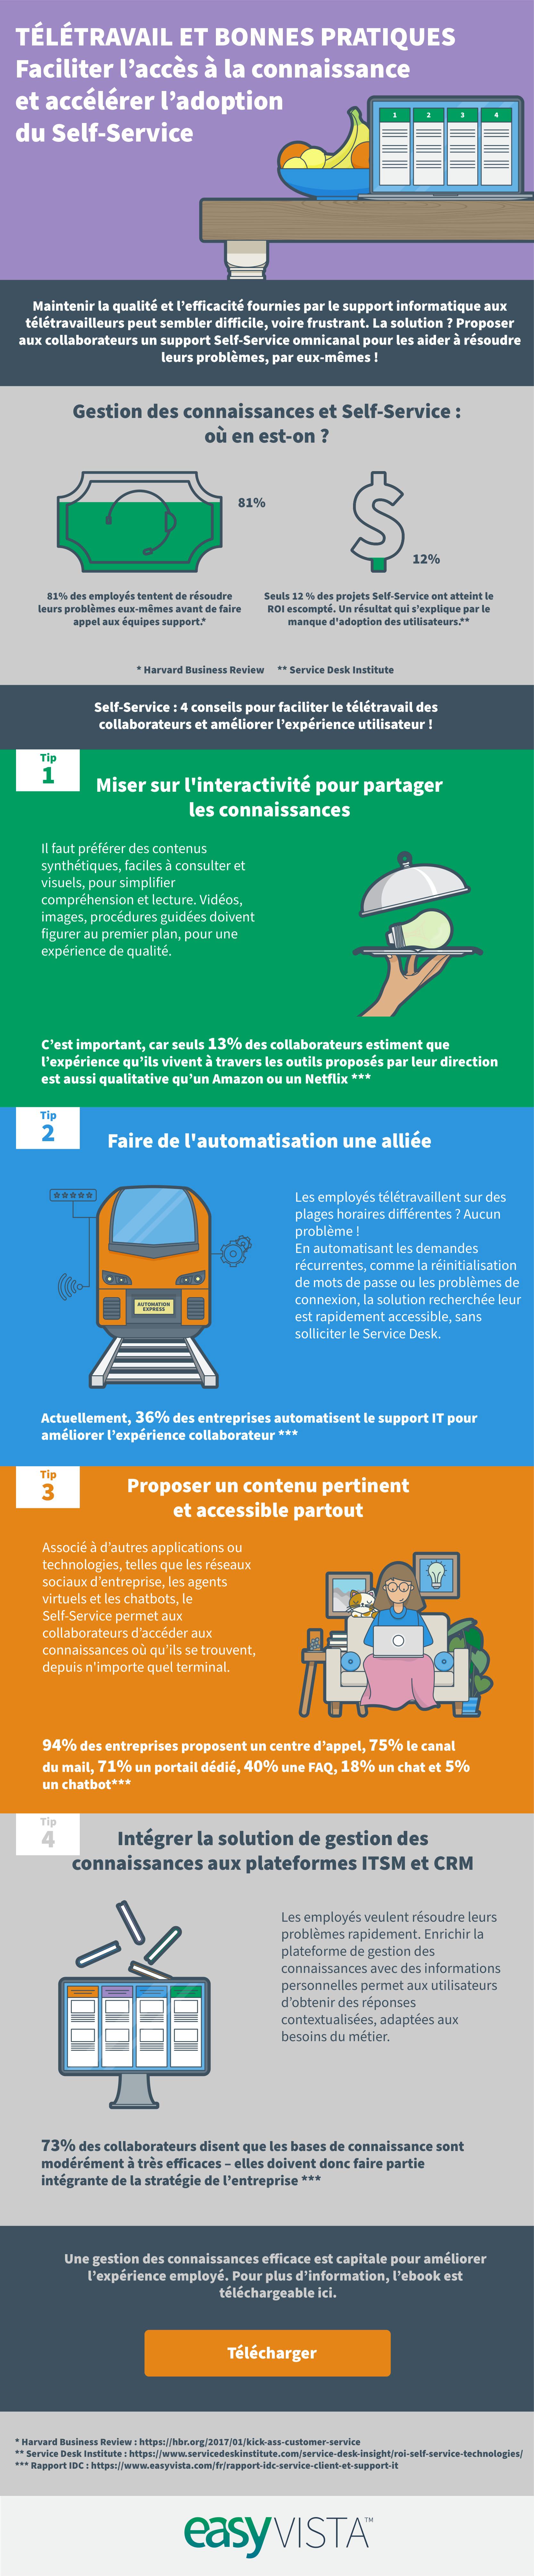 Infographie_Teletravail_et_bonnes_pratiques_easyvista